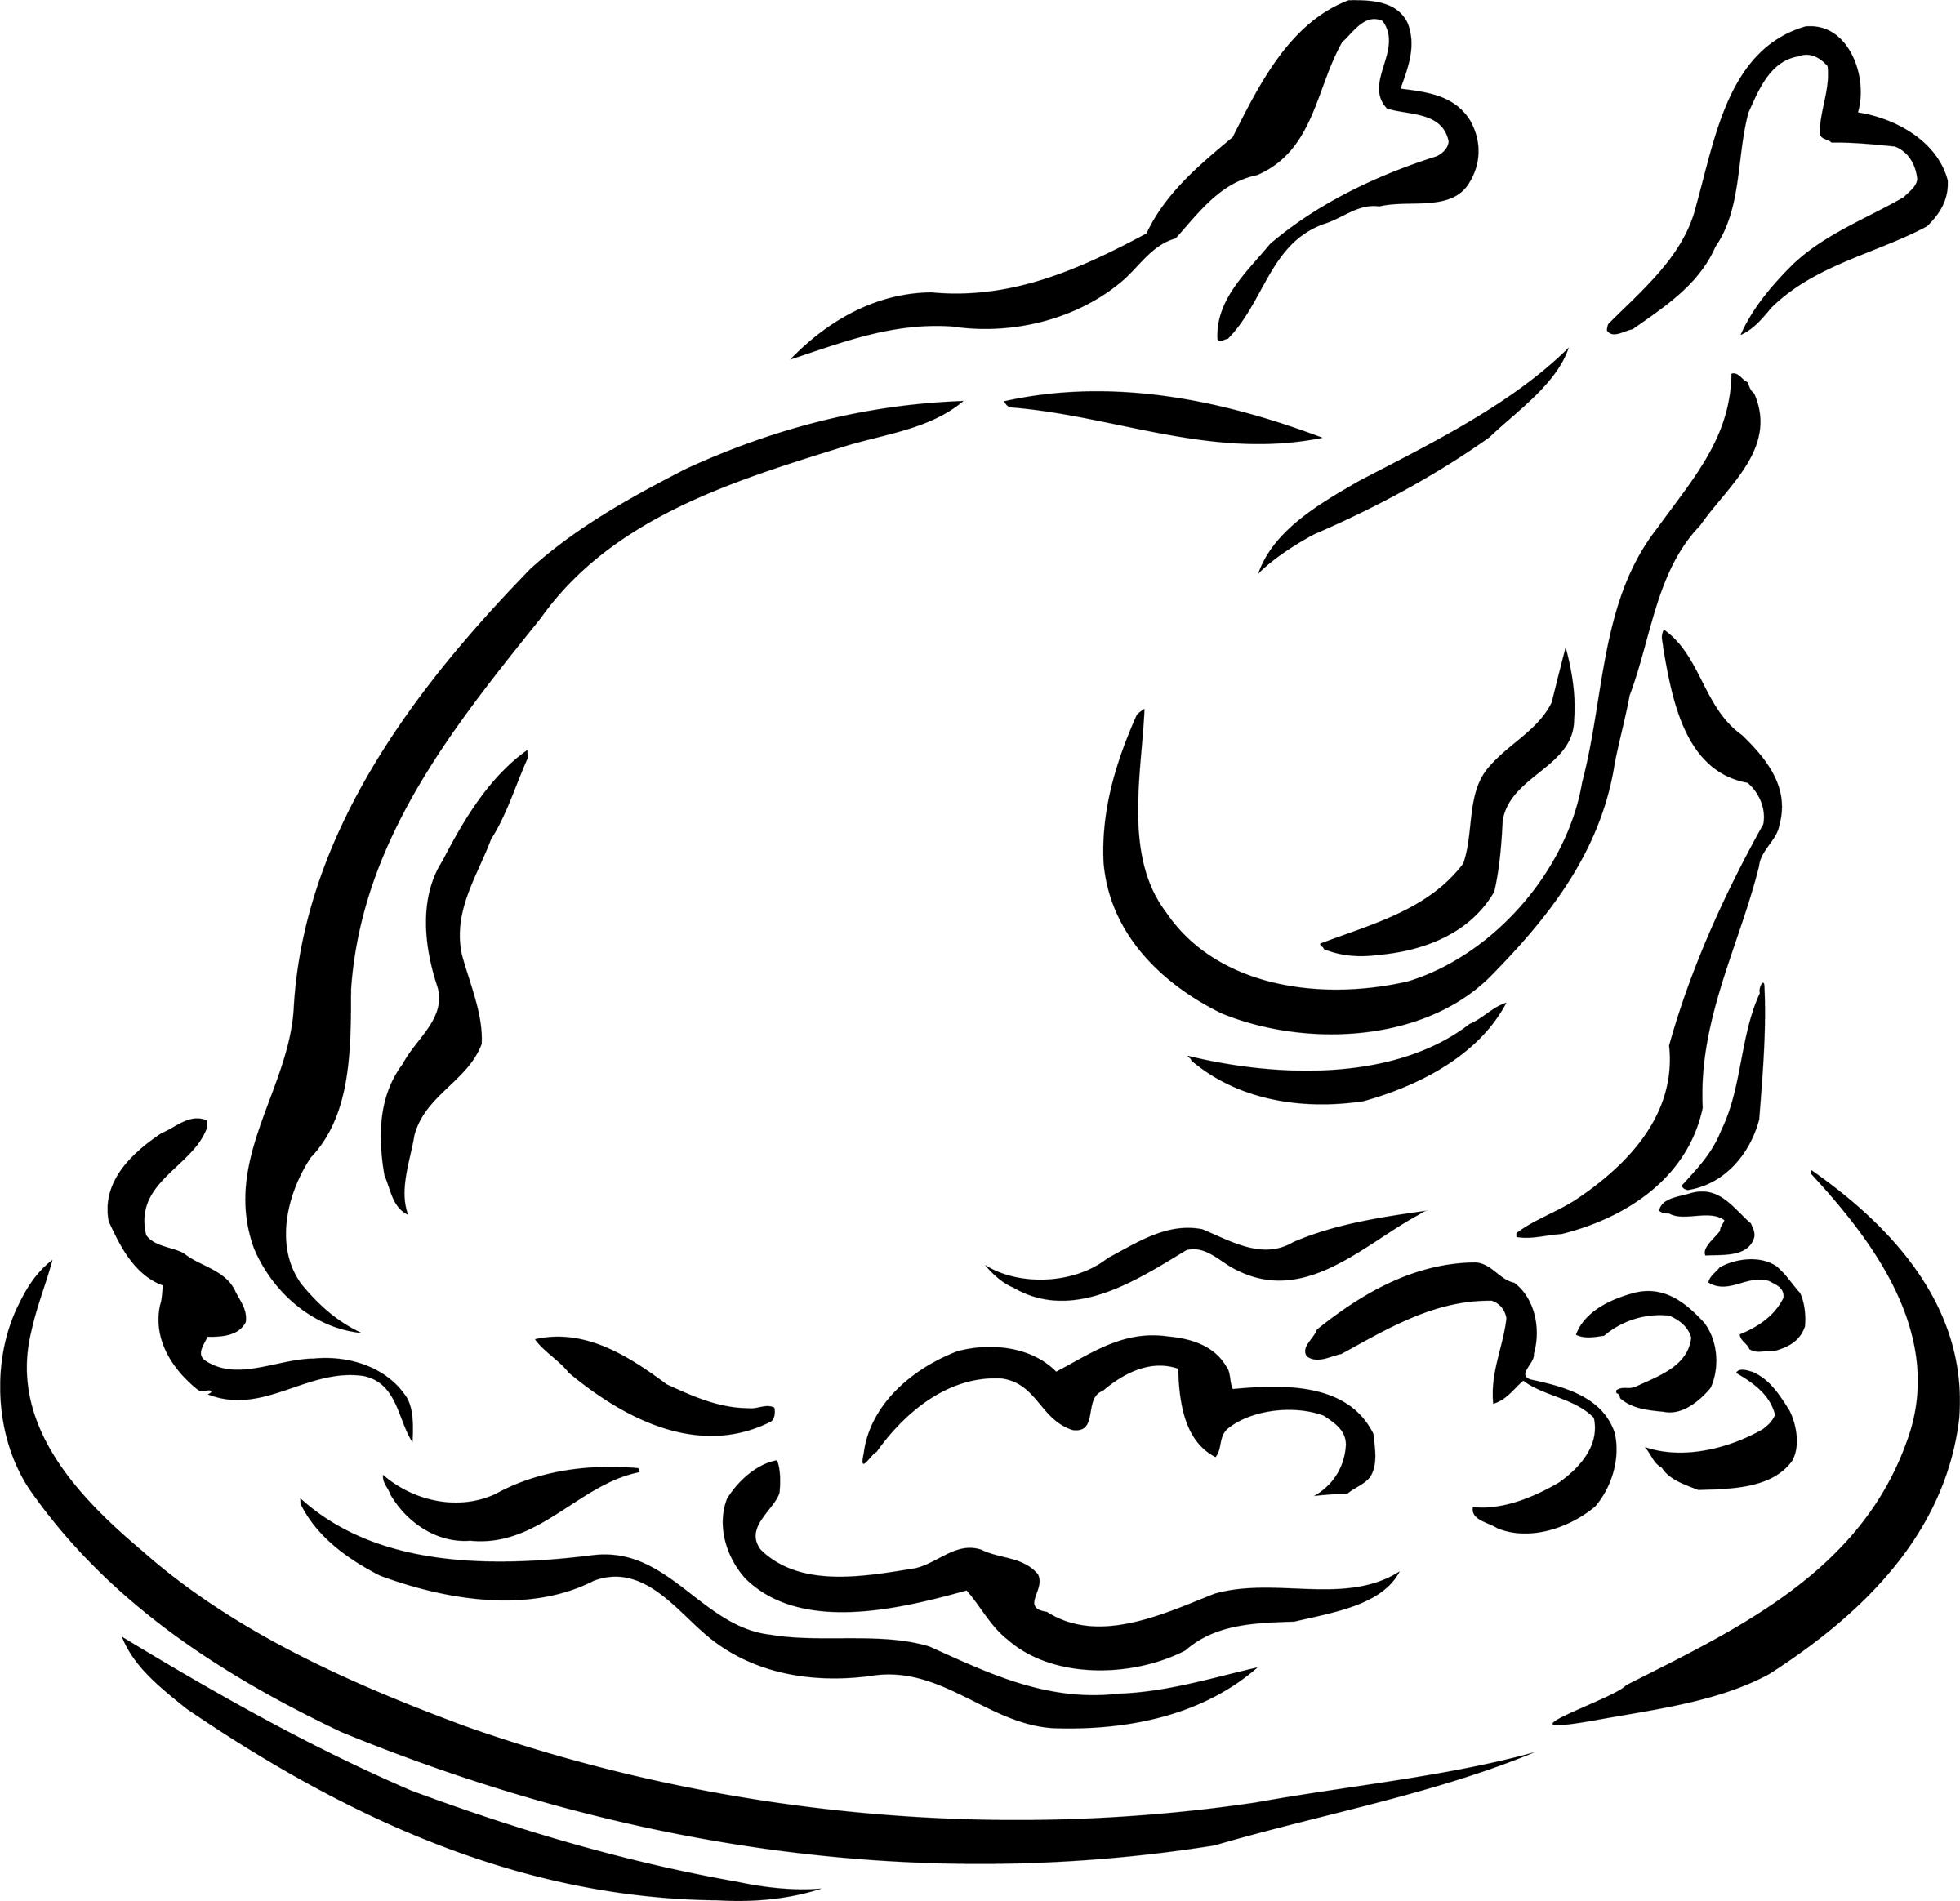 Legz clipart roast chicken Turkey to 3 images turkey